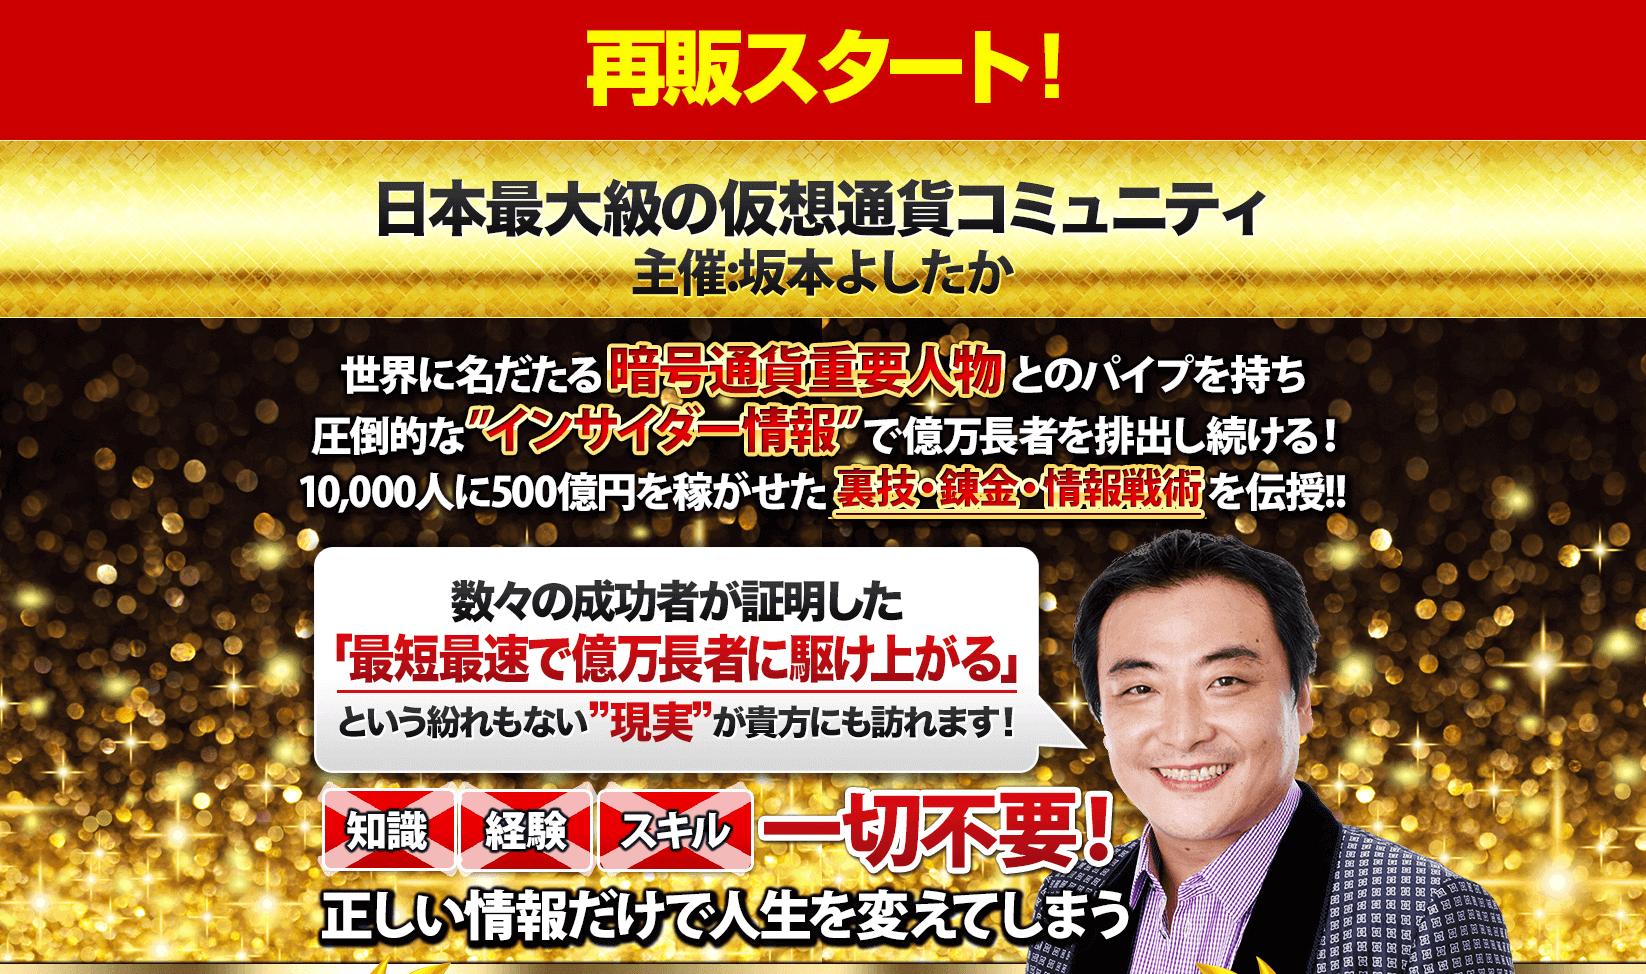 (ビットバイヤークラブ)BIT BUYER CLUB豪華特典付き評価レビュー~坂本よしたかプロデュース~